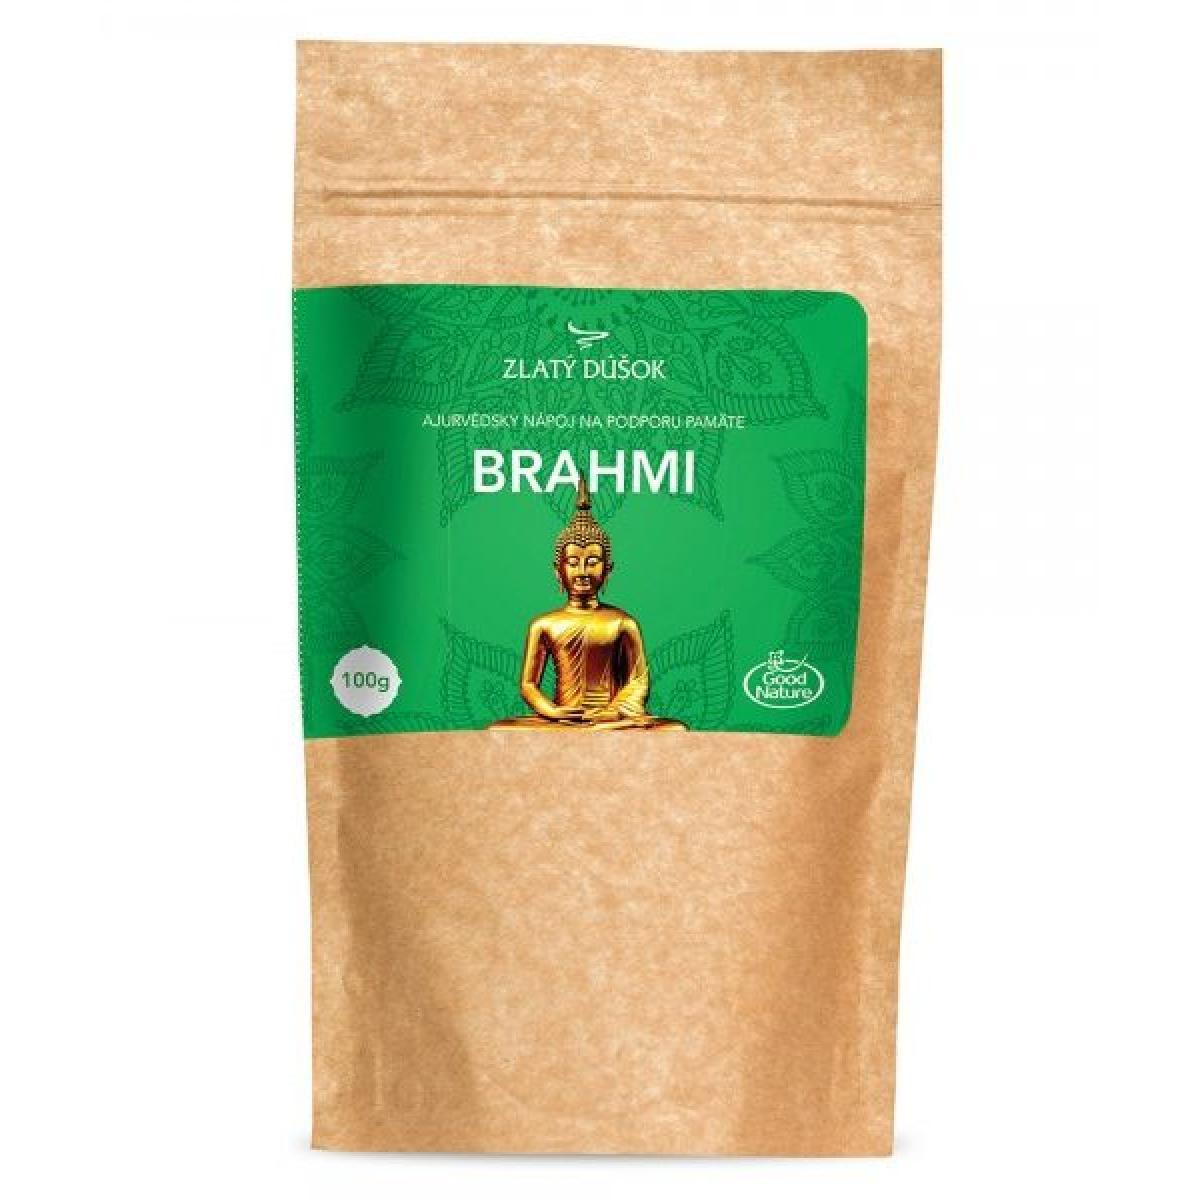 Brahmi - ajurvédsky nápoj na podporu pamäte - Zlatý dúšok - 100 g